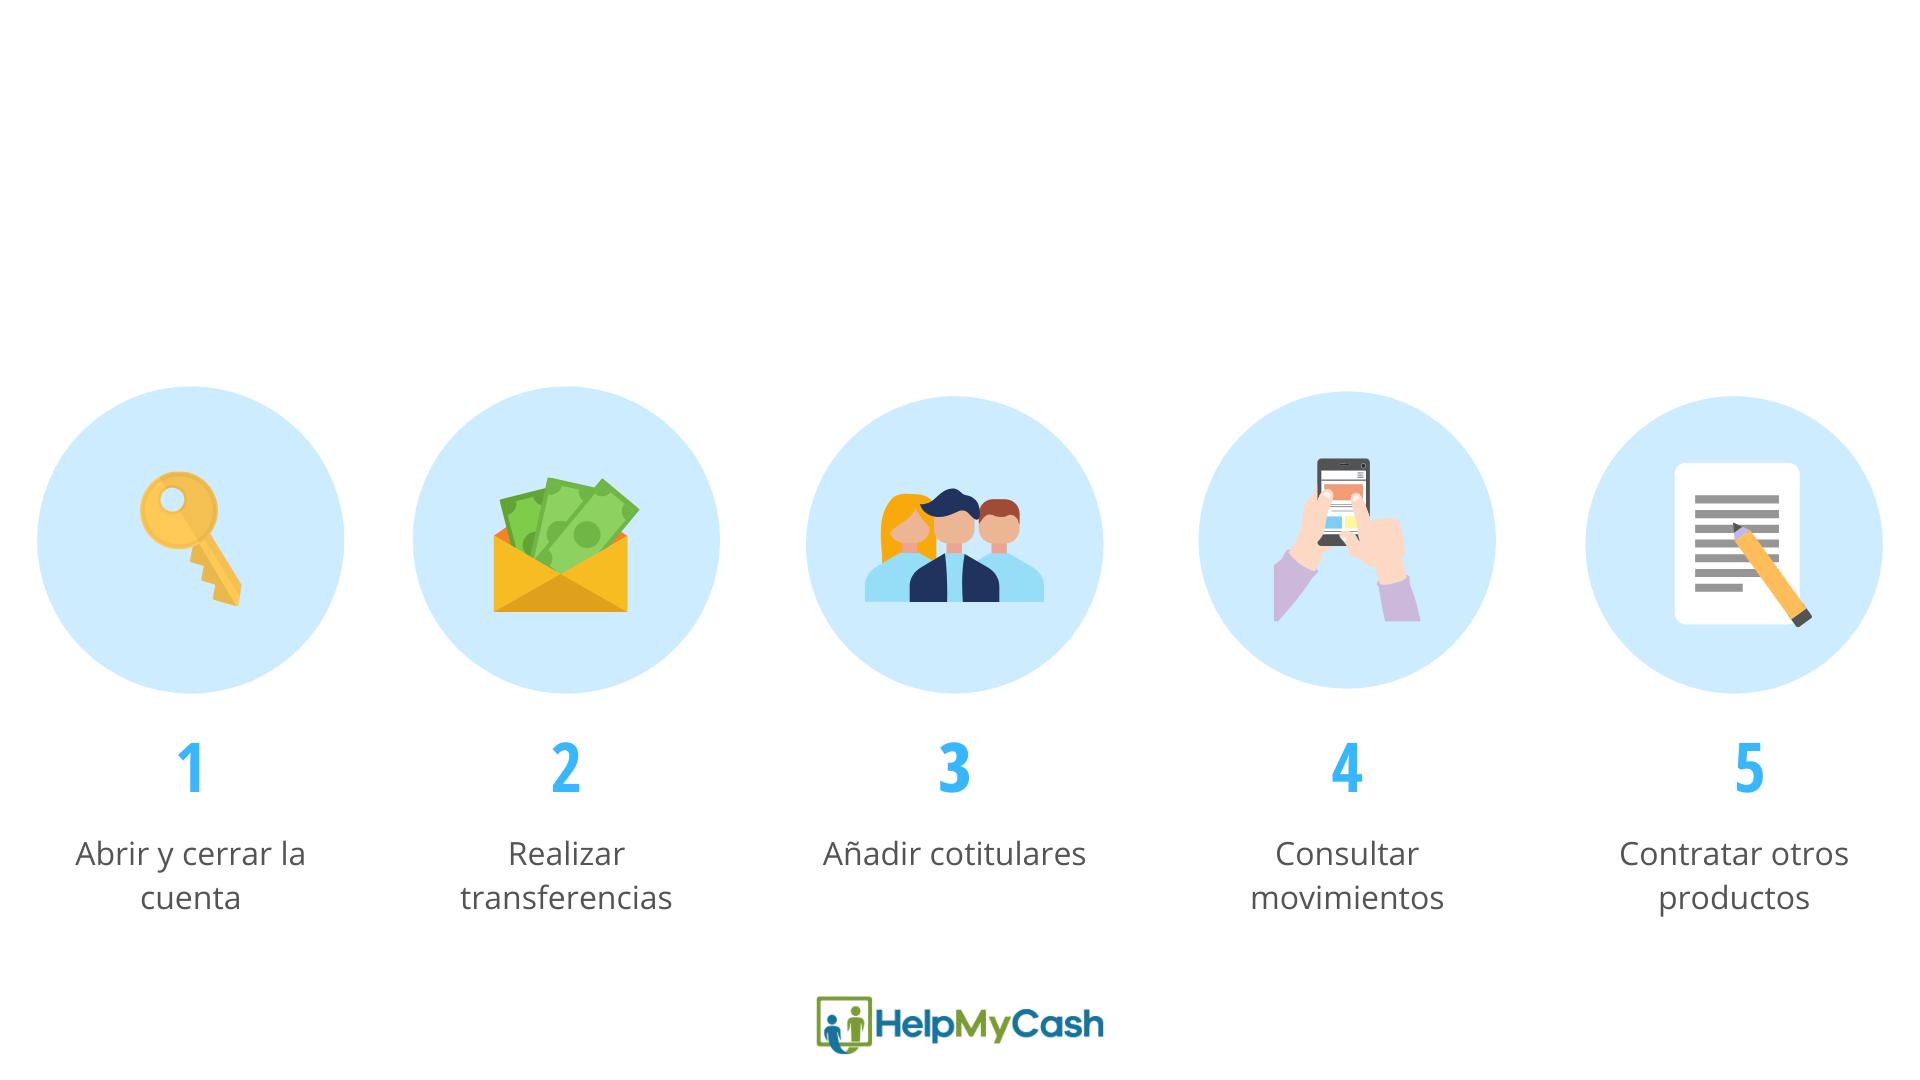 cuentas bancarias online. cuentas online sin comisiones. abrir una cuenta bancaria online